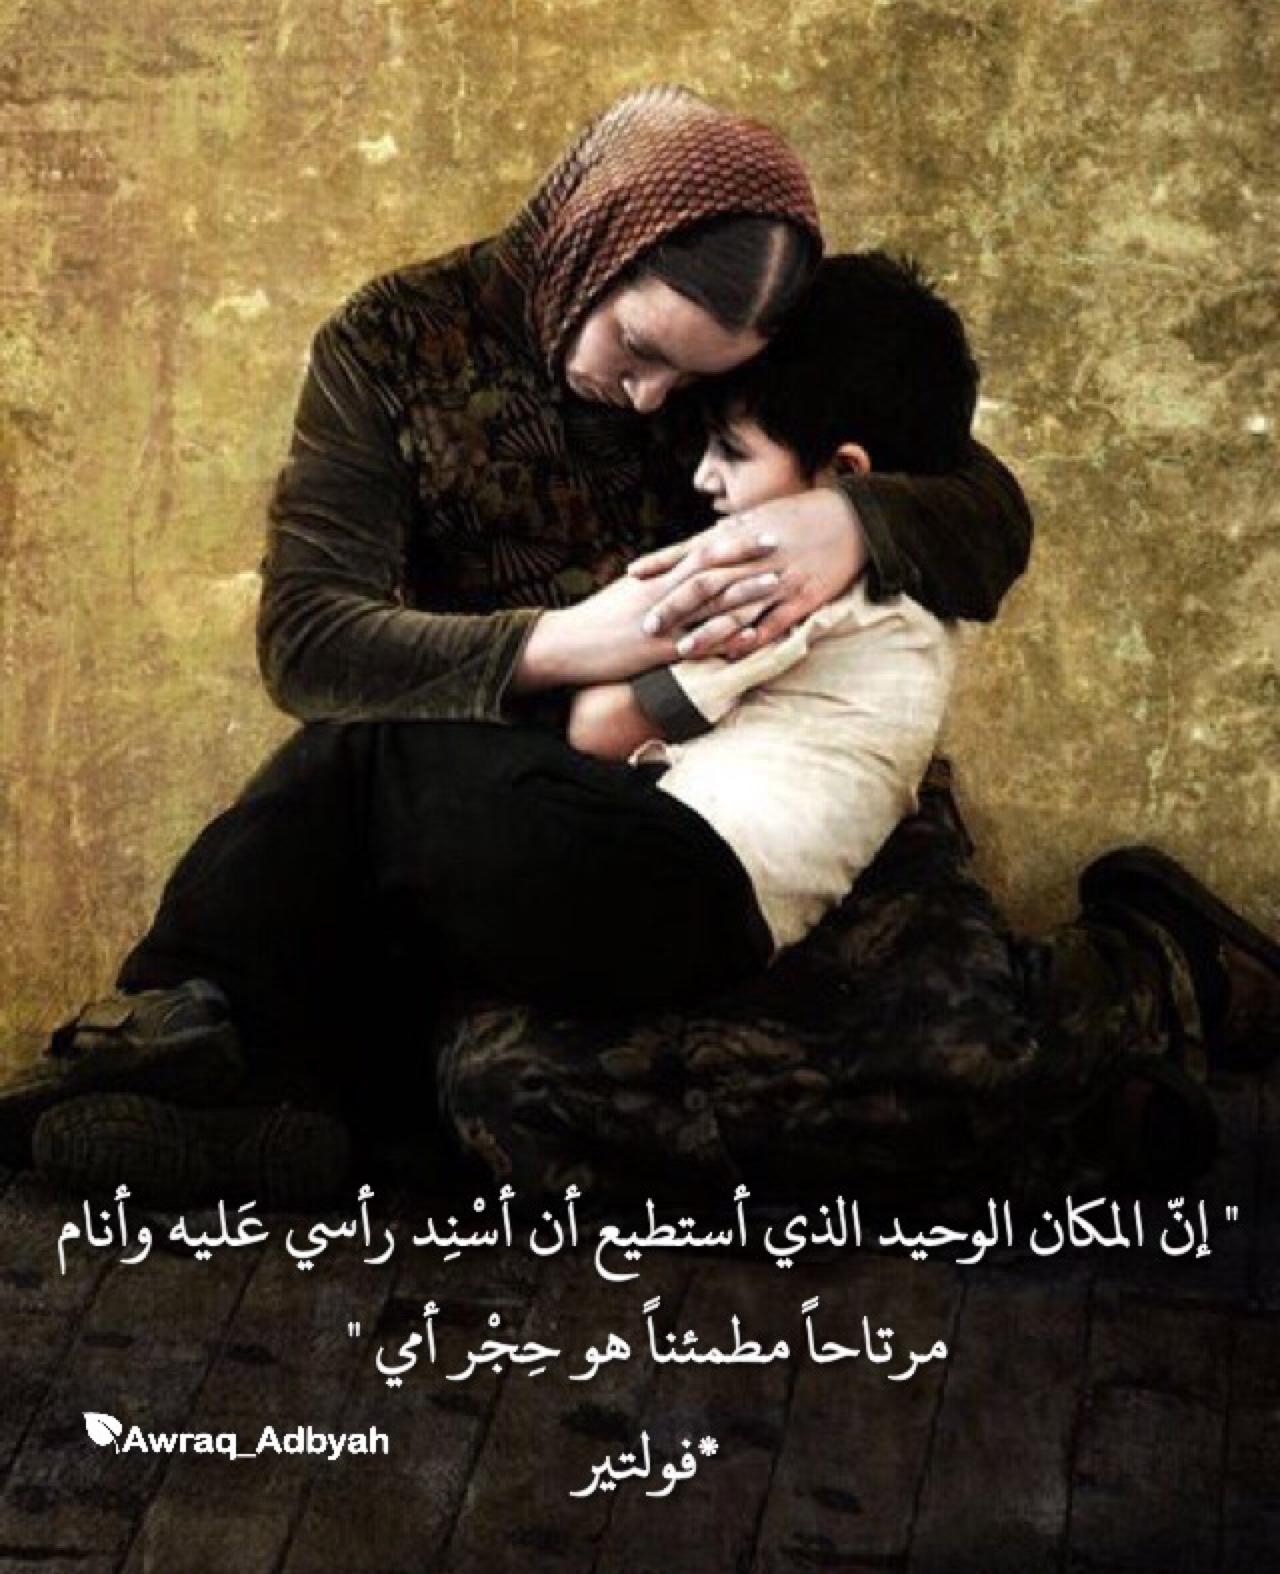 صور صور عن حب الام , صور جميلة تعبر عن حب الام